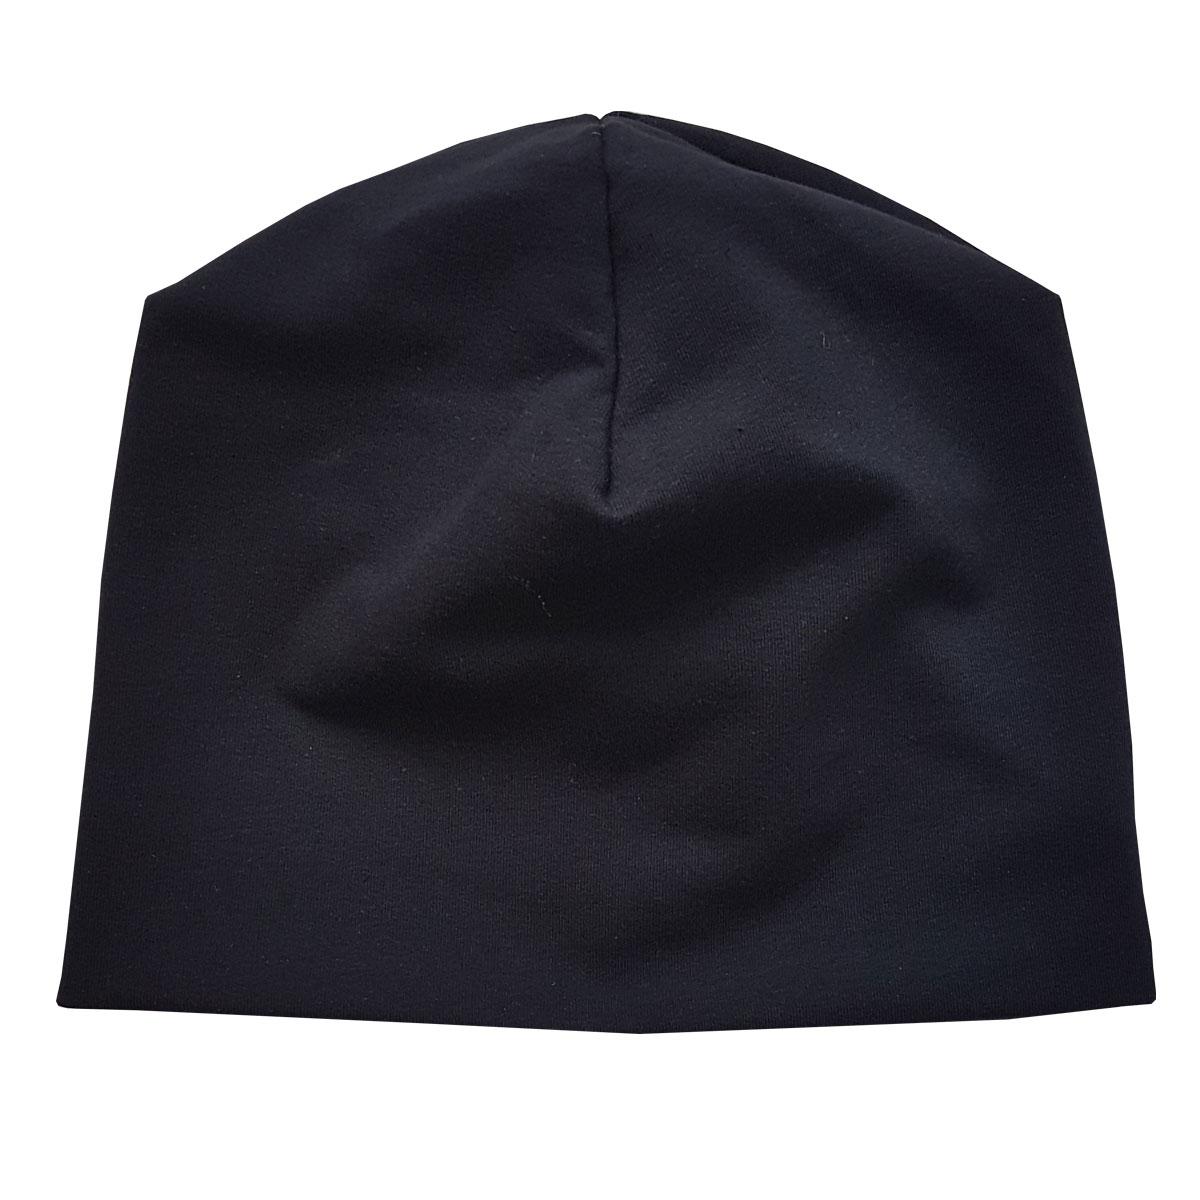 Купить Шапка Папитто футер черный, р. 52, Детские шапки